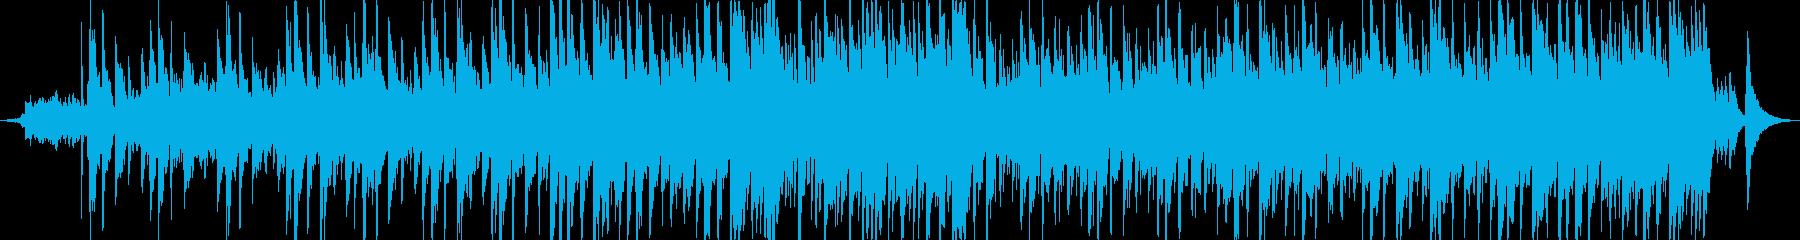 動画 説明的 静か やる気 ハイテ...の再生済みの波形